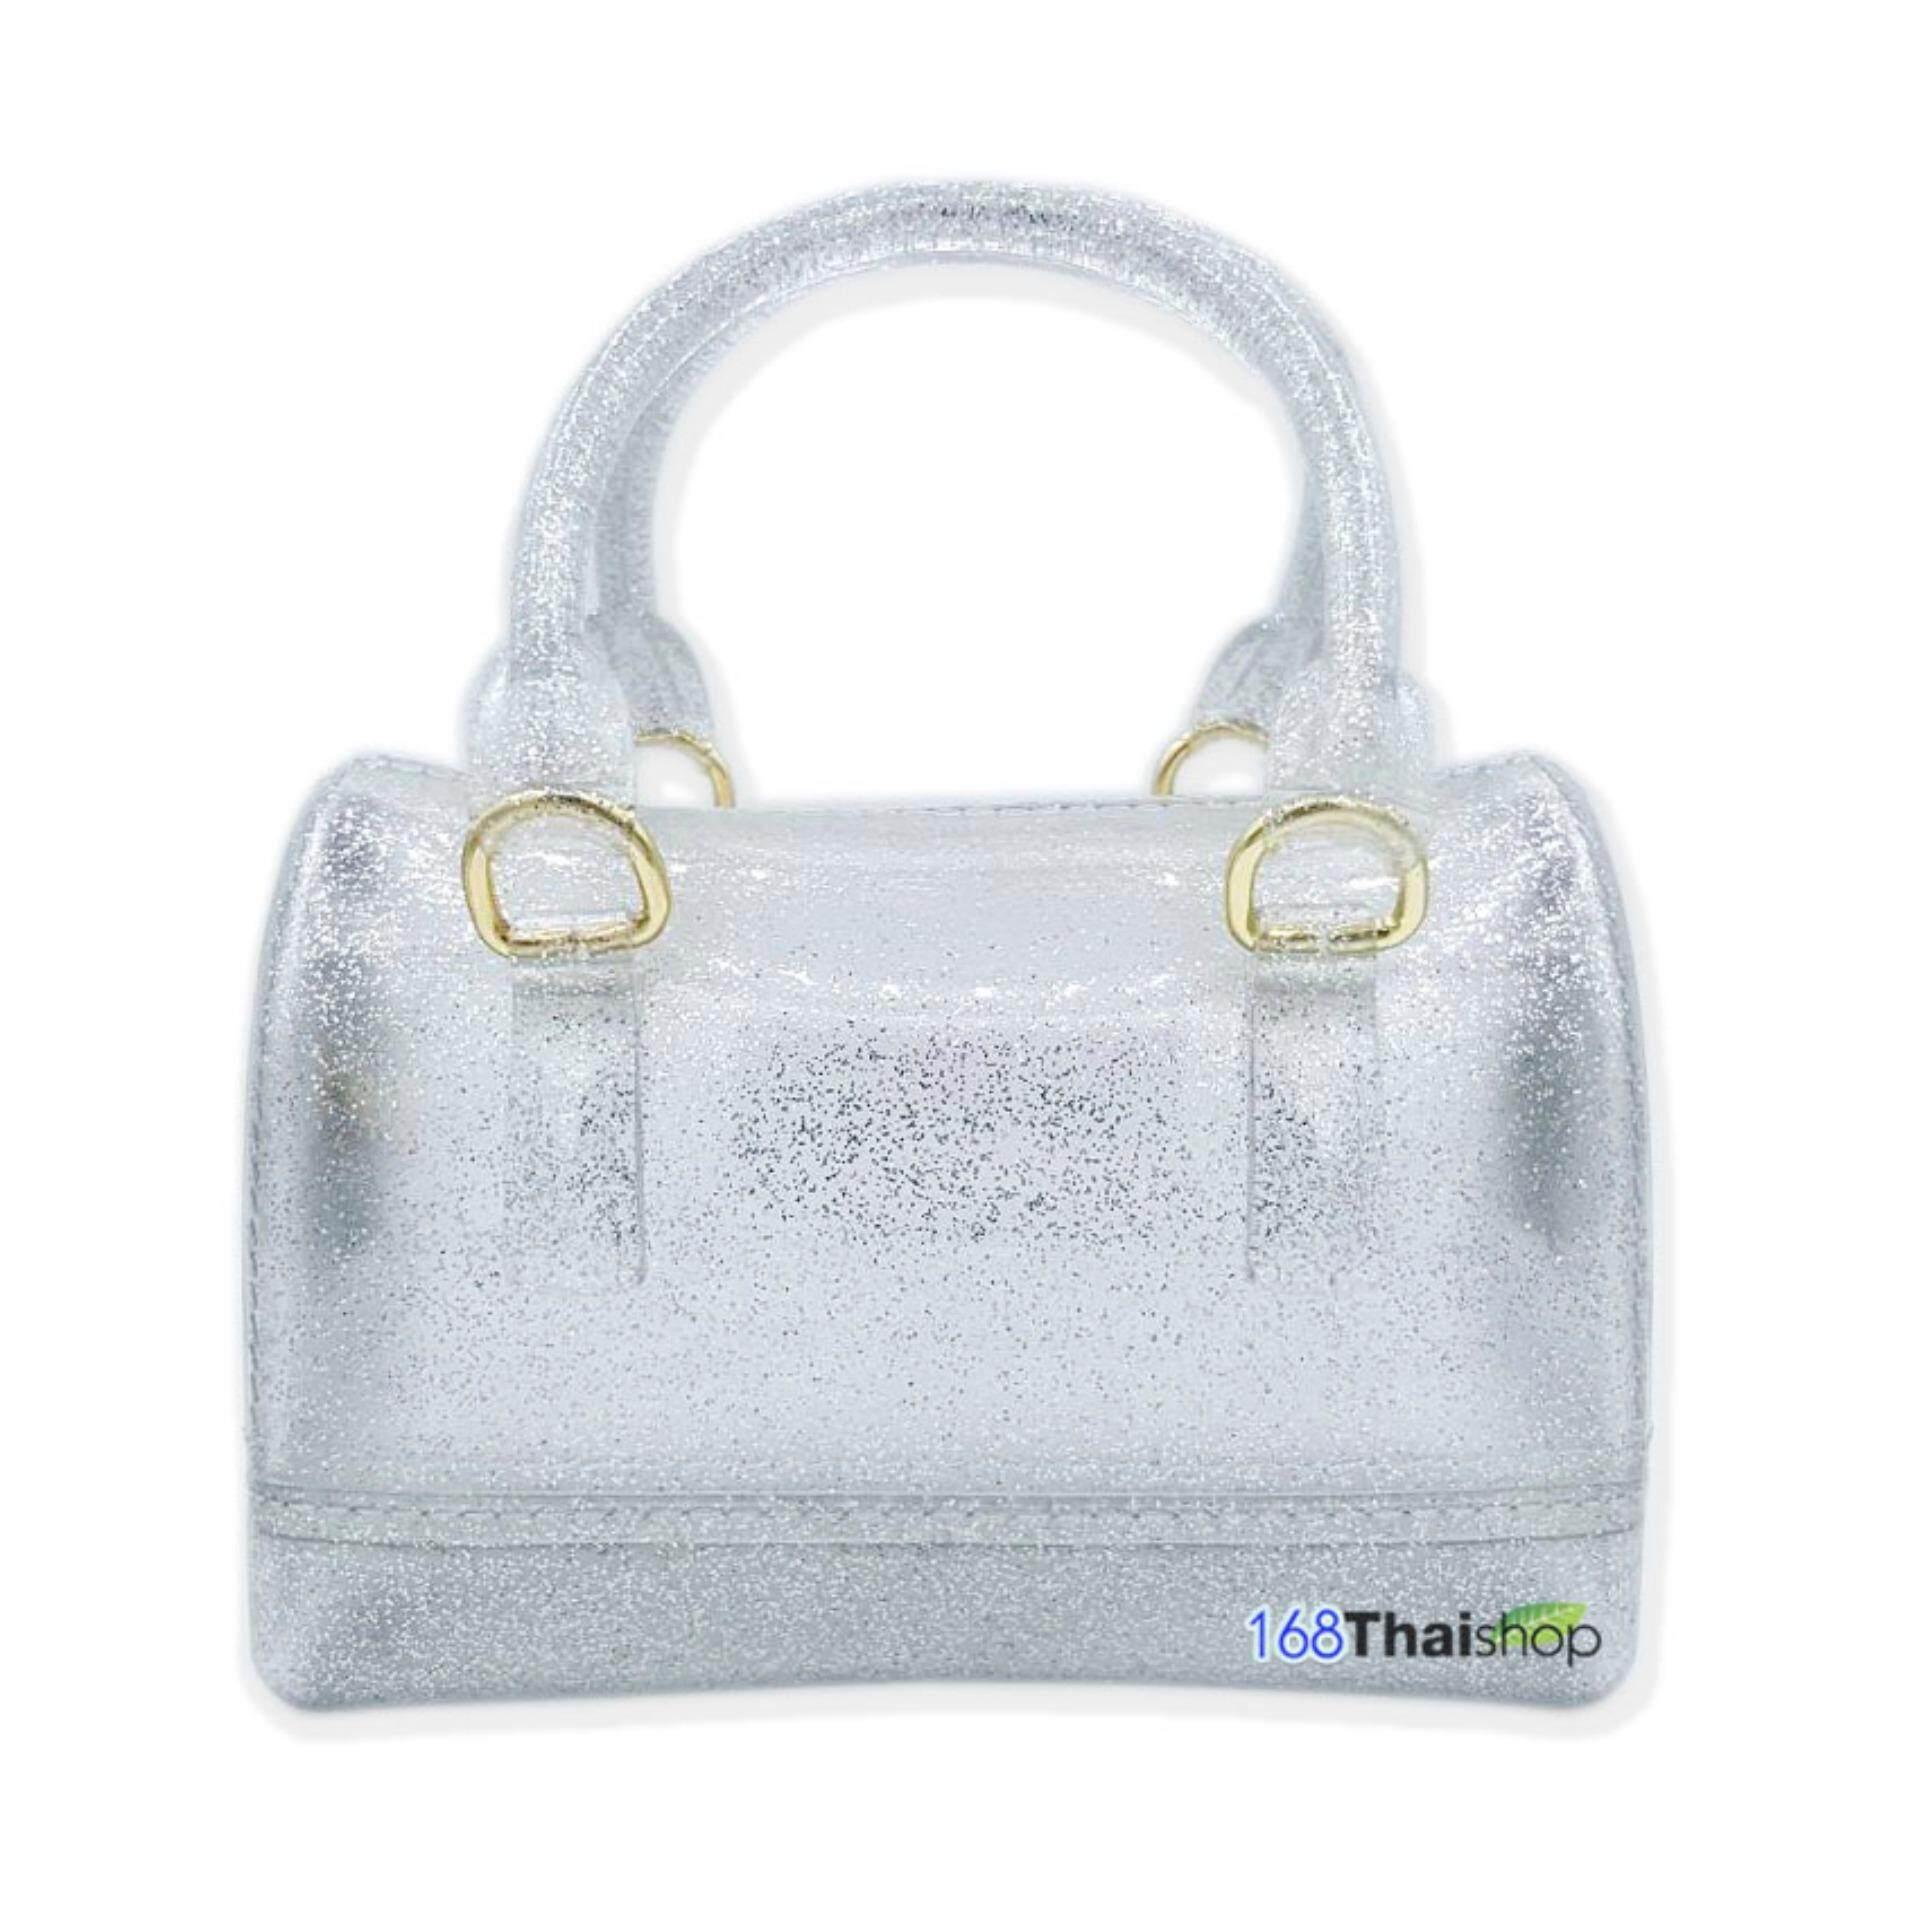 กระเป๋าเป้สะพายหลัง นักเรียน ผู้หญิง วัยรุ่น ยะลา Karmart Cathy Doll Mini Jelly Bag Set กระเป๋าแฟชั่น กระเป๋าสะพายข้าง กระเป๋าใส่เครื่องสำอาง กระเป๋าขนาดพกพา มี 2 แบบให้เลือก  1 ใบ